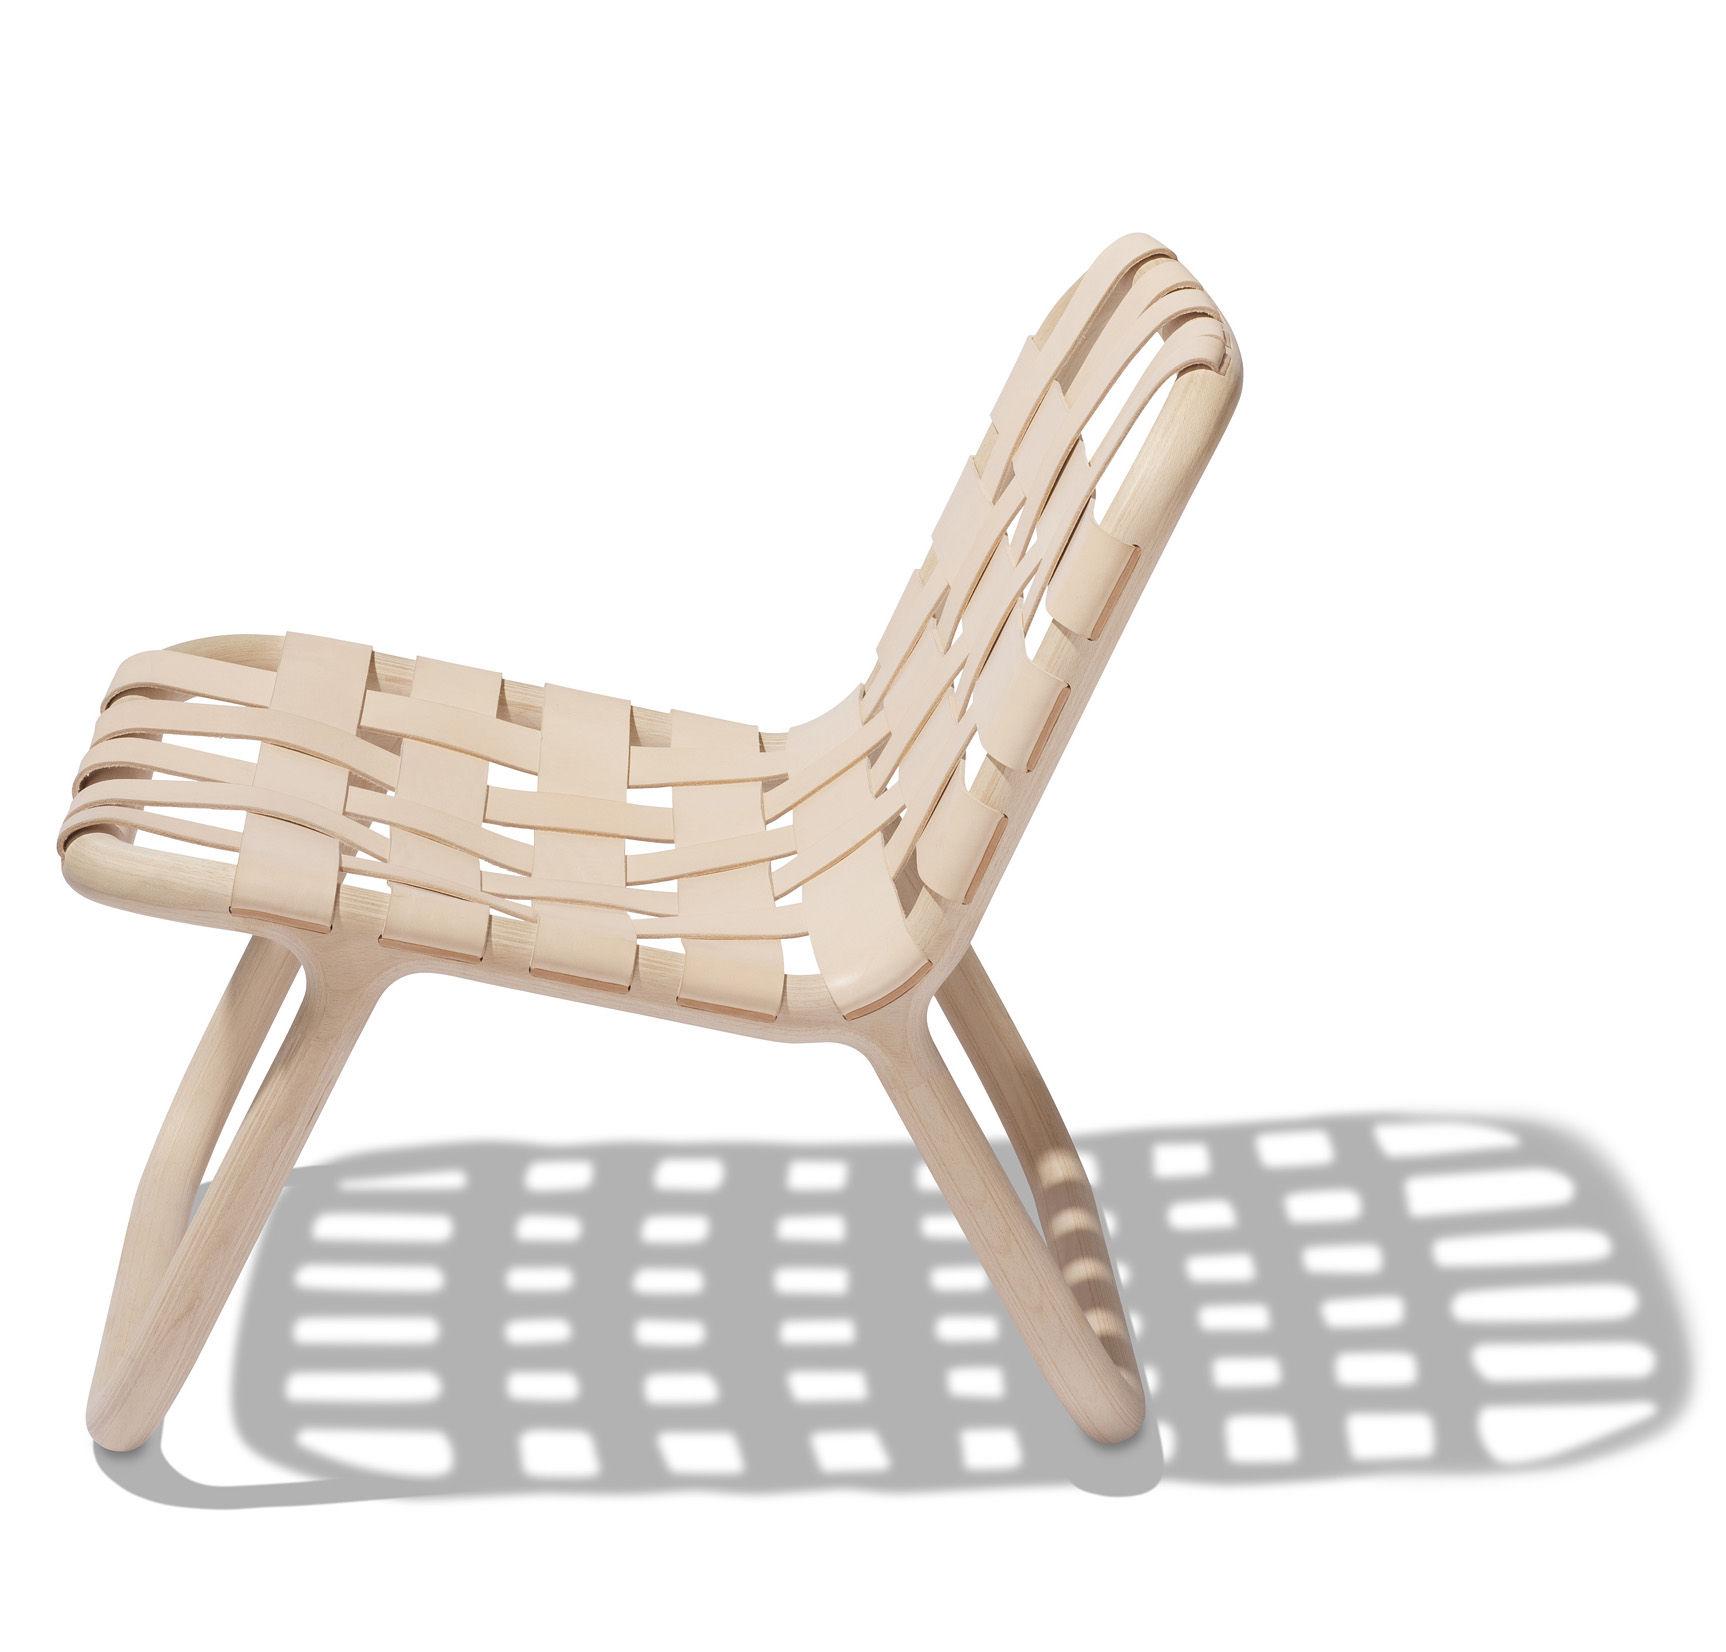 camping leder normann copenhagen lounge sessel. Black Bedroom Furniture Sets. Home Design Ideas